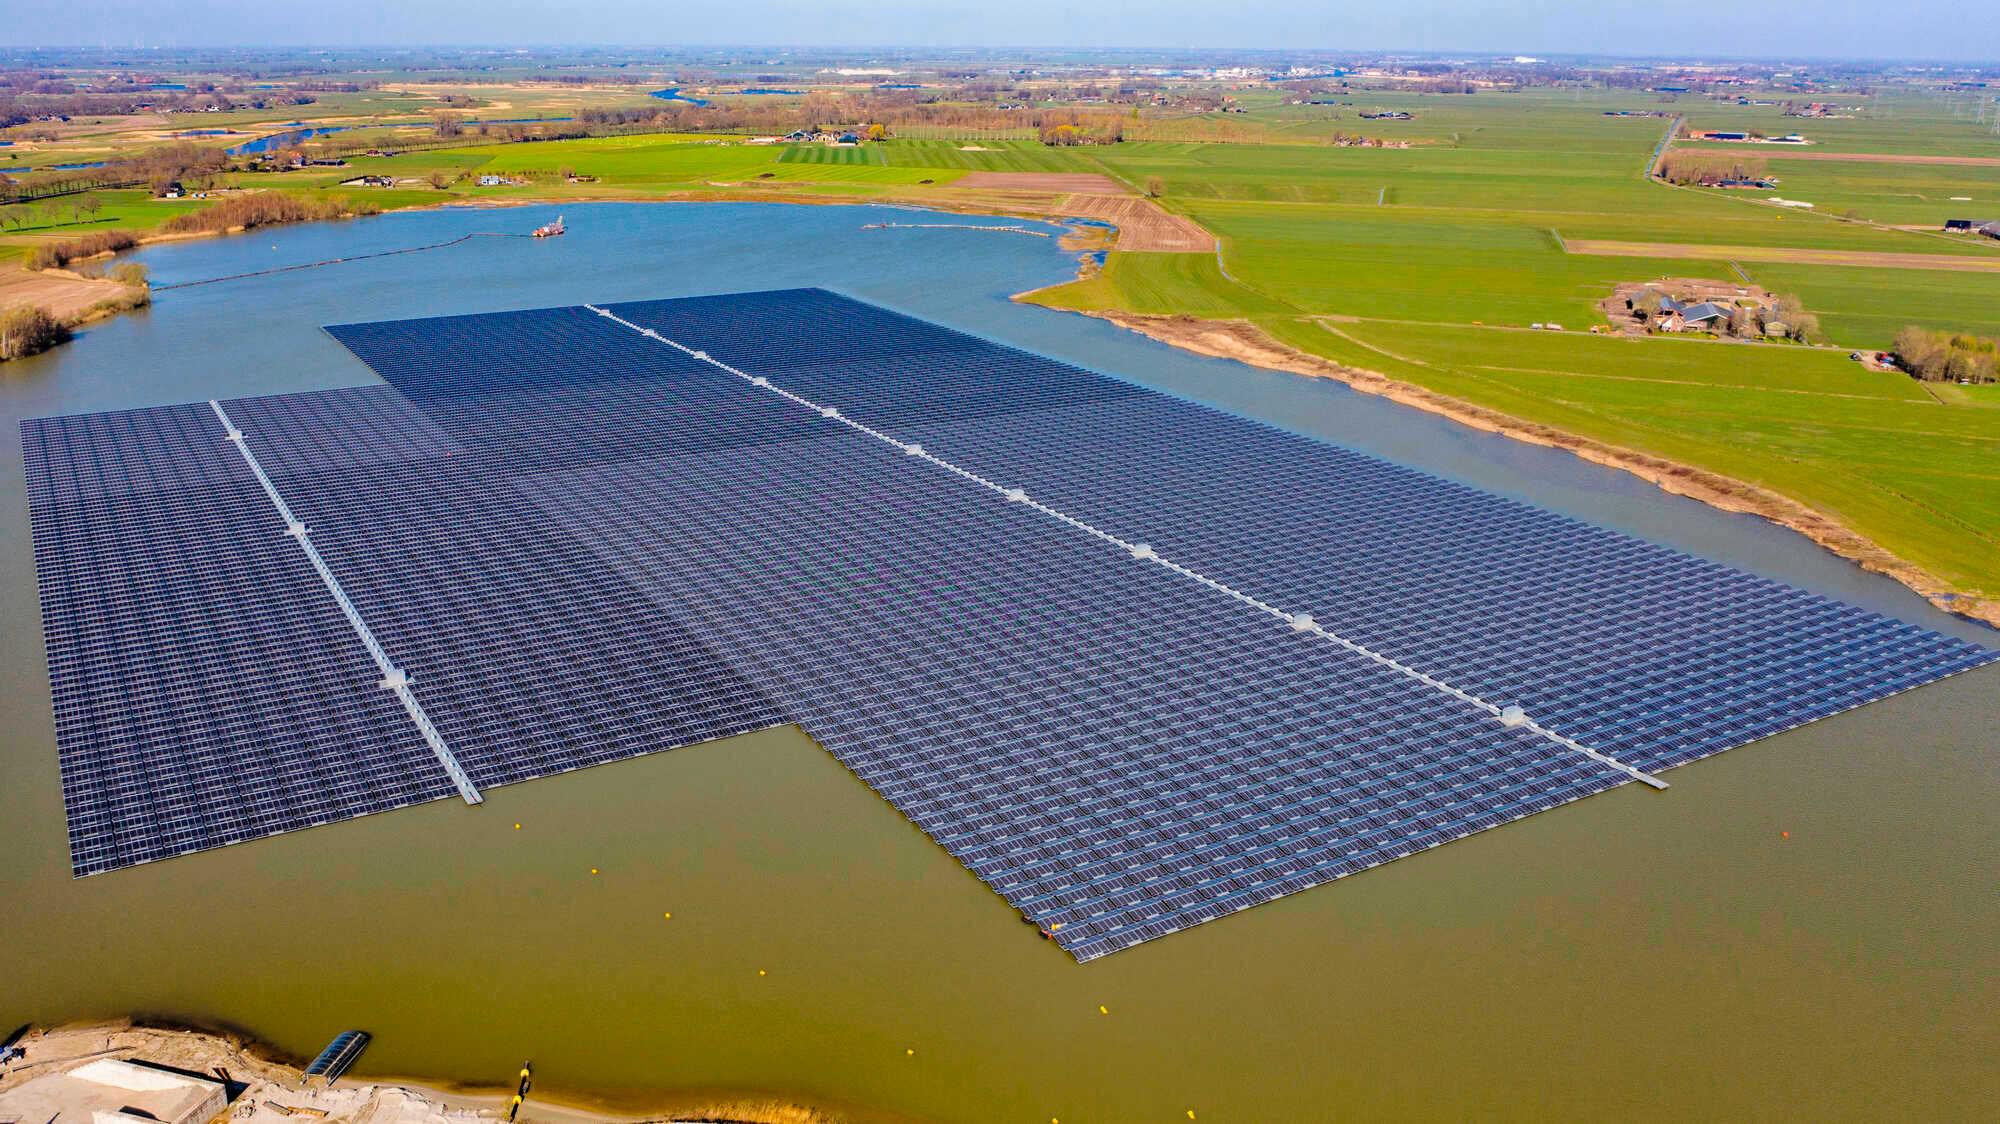 Schwimmende PV-Anlagen auf dem See - agrarheute 4-2020